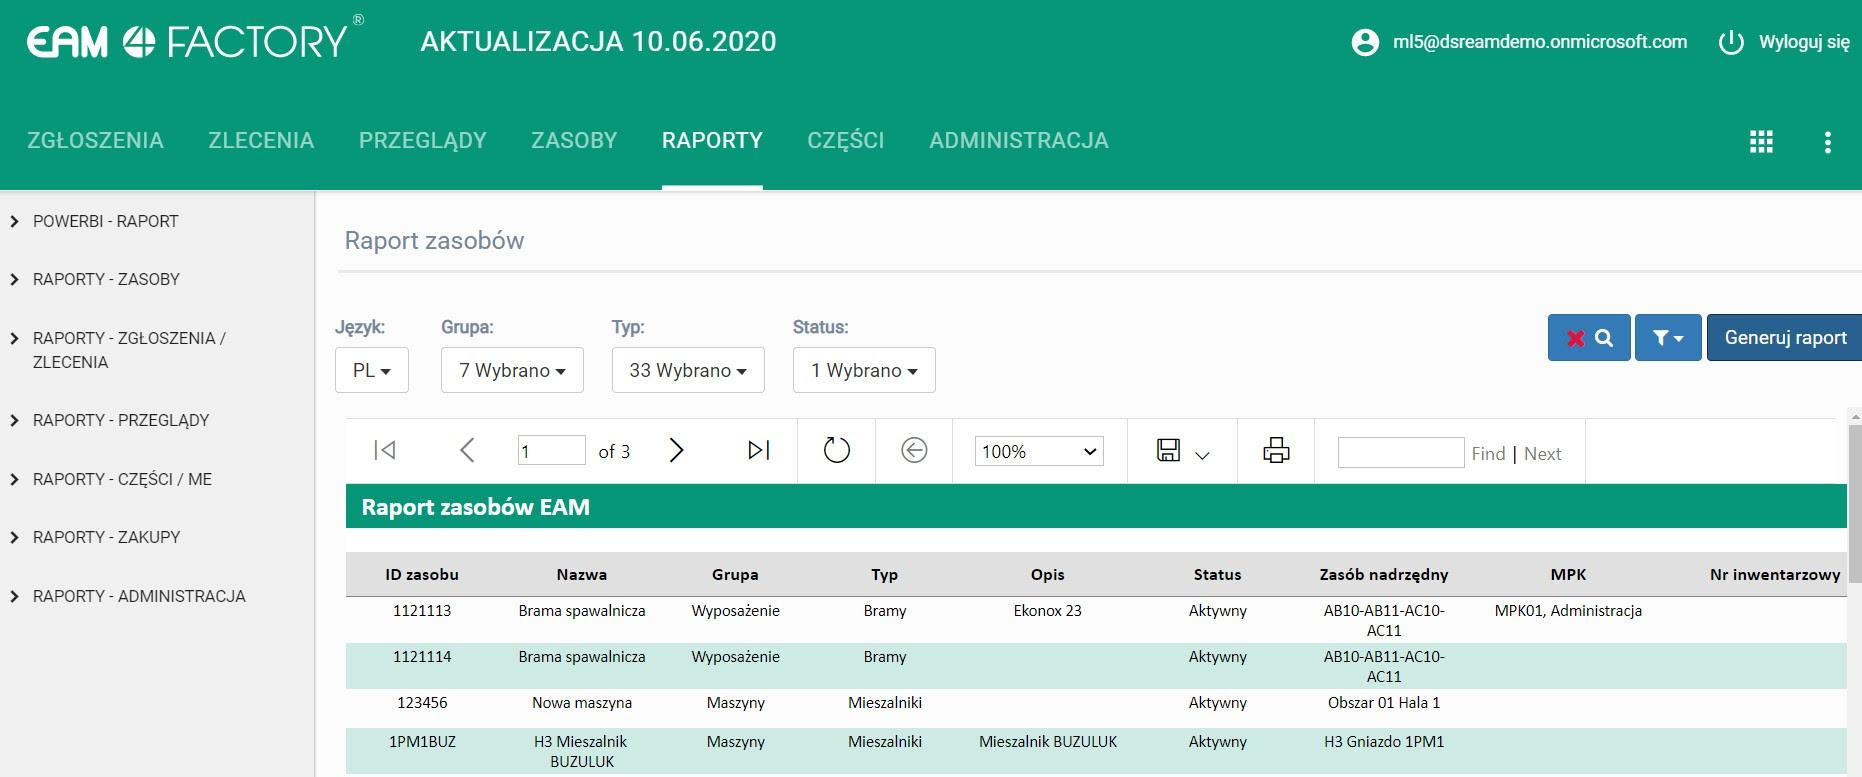 EAM 4FACTORY- nowy interfejs aplikacji